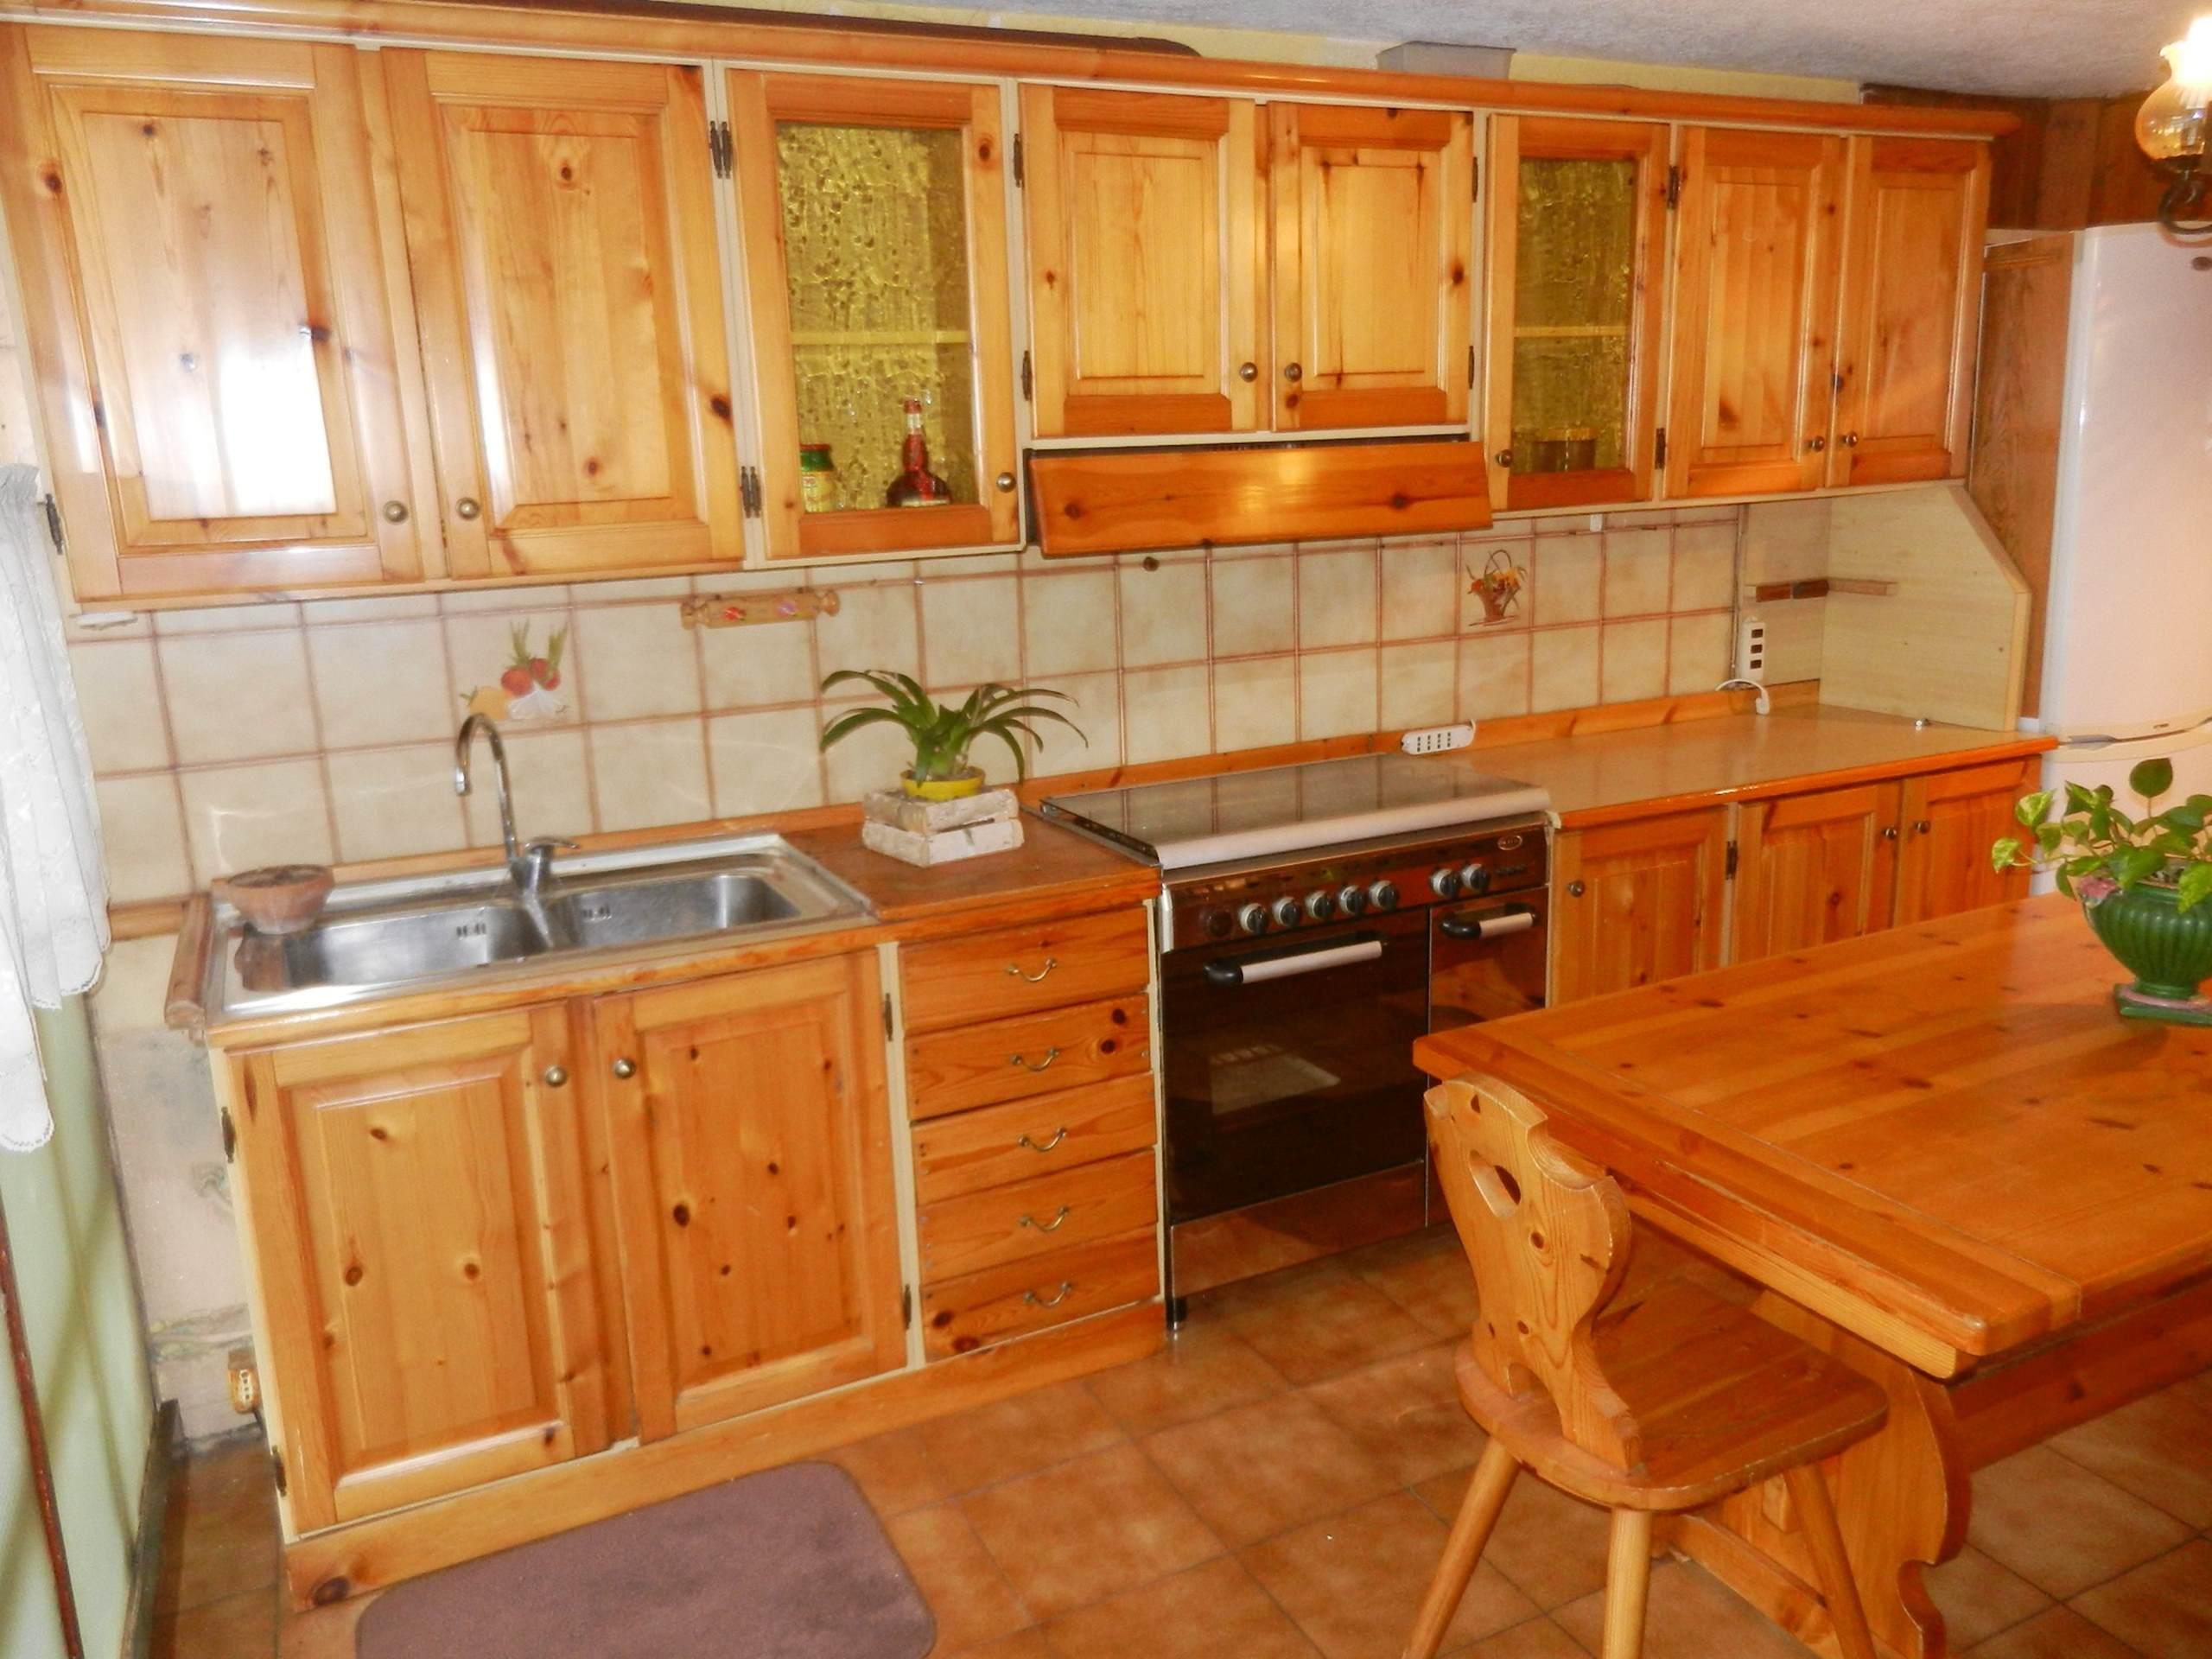 cucina in taverna F007 - A+immobiliare Agenzia immobiliare Nembro